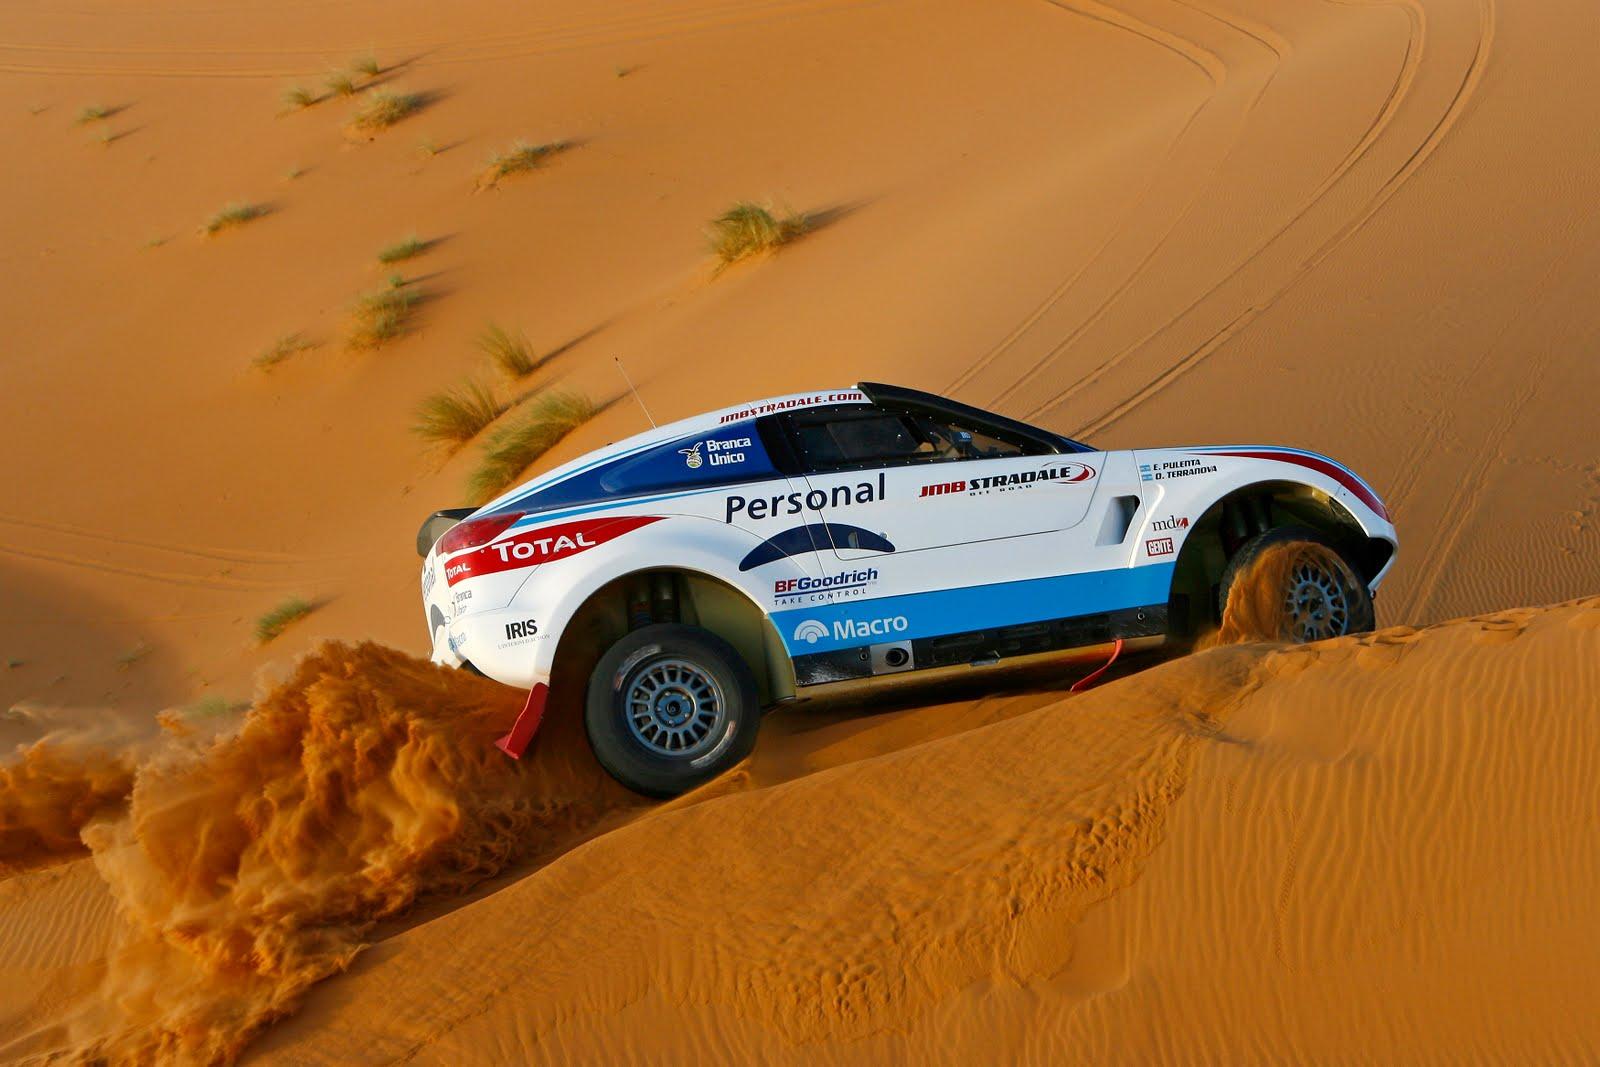 ралли Дакар, обои для рабочего стола, скачать фото, rally car